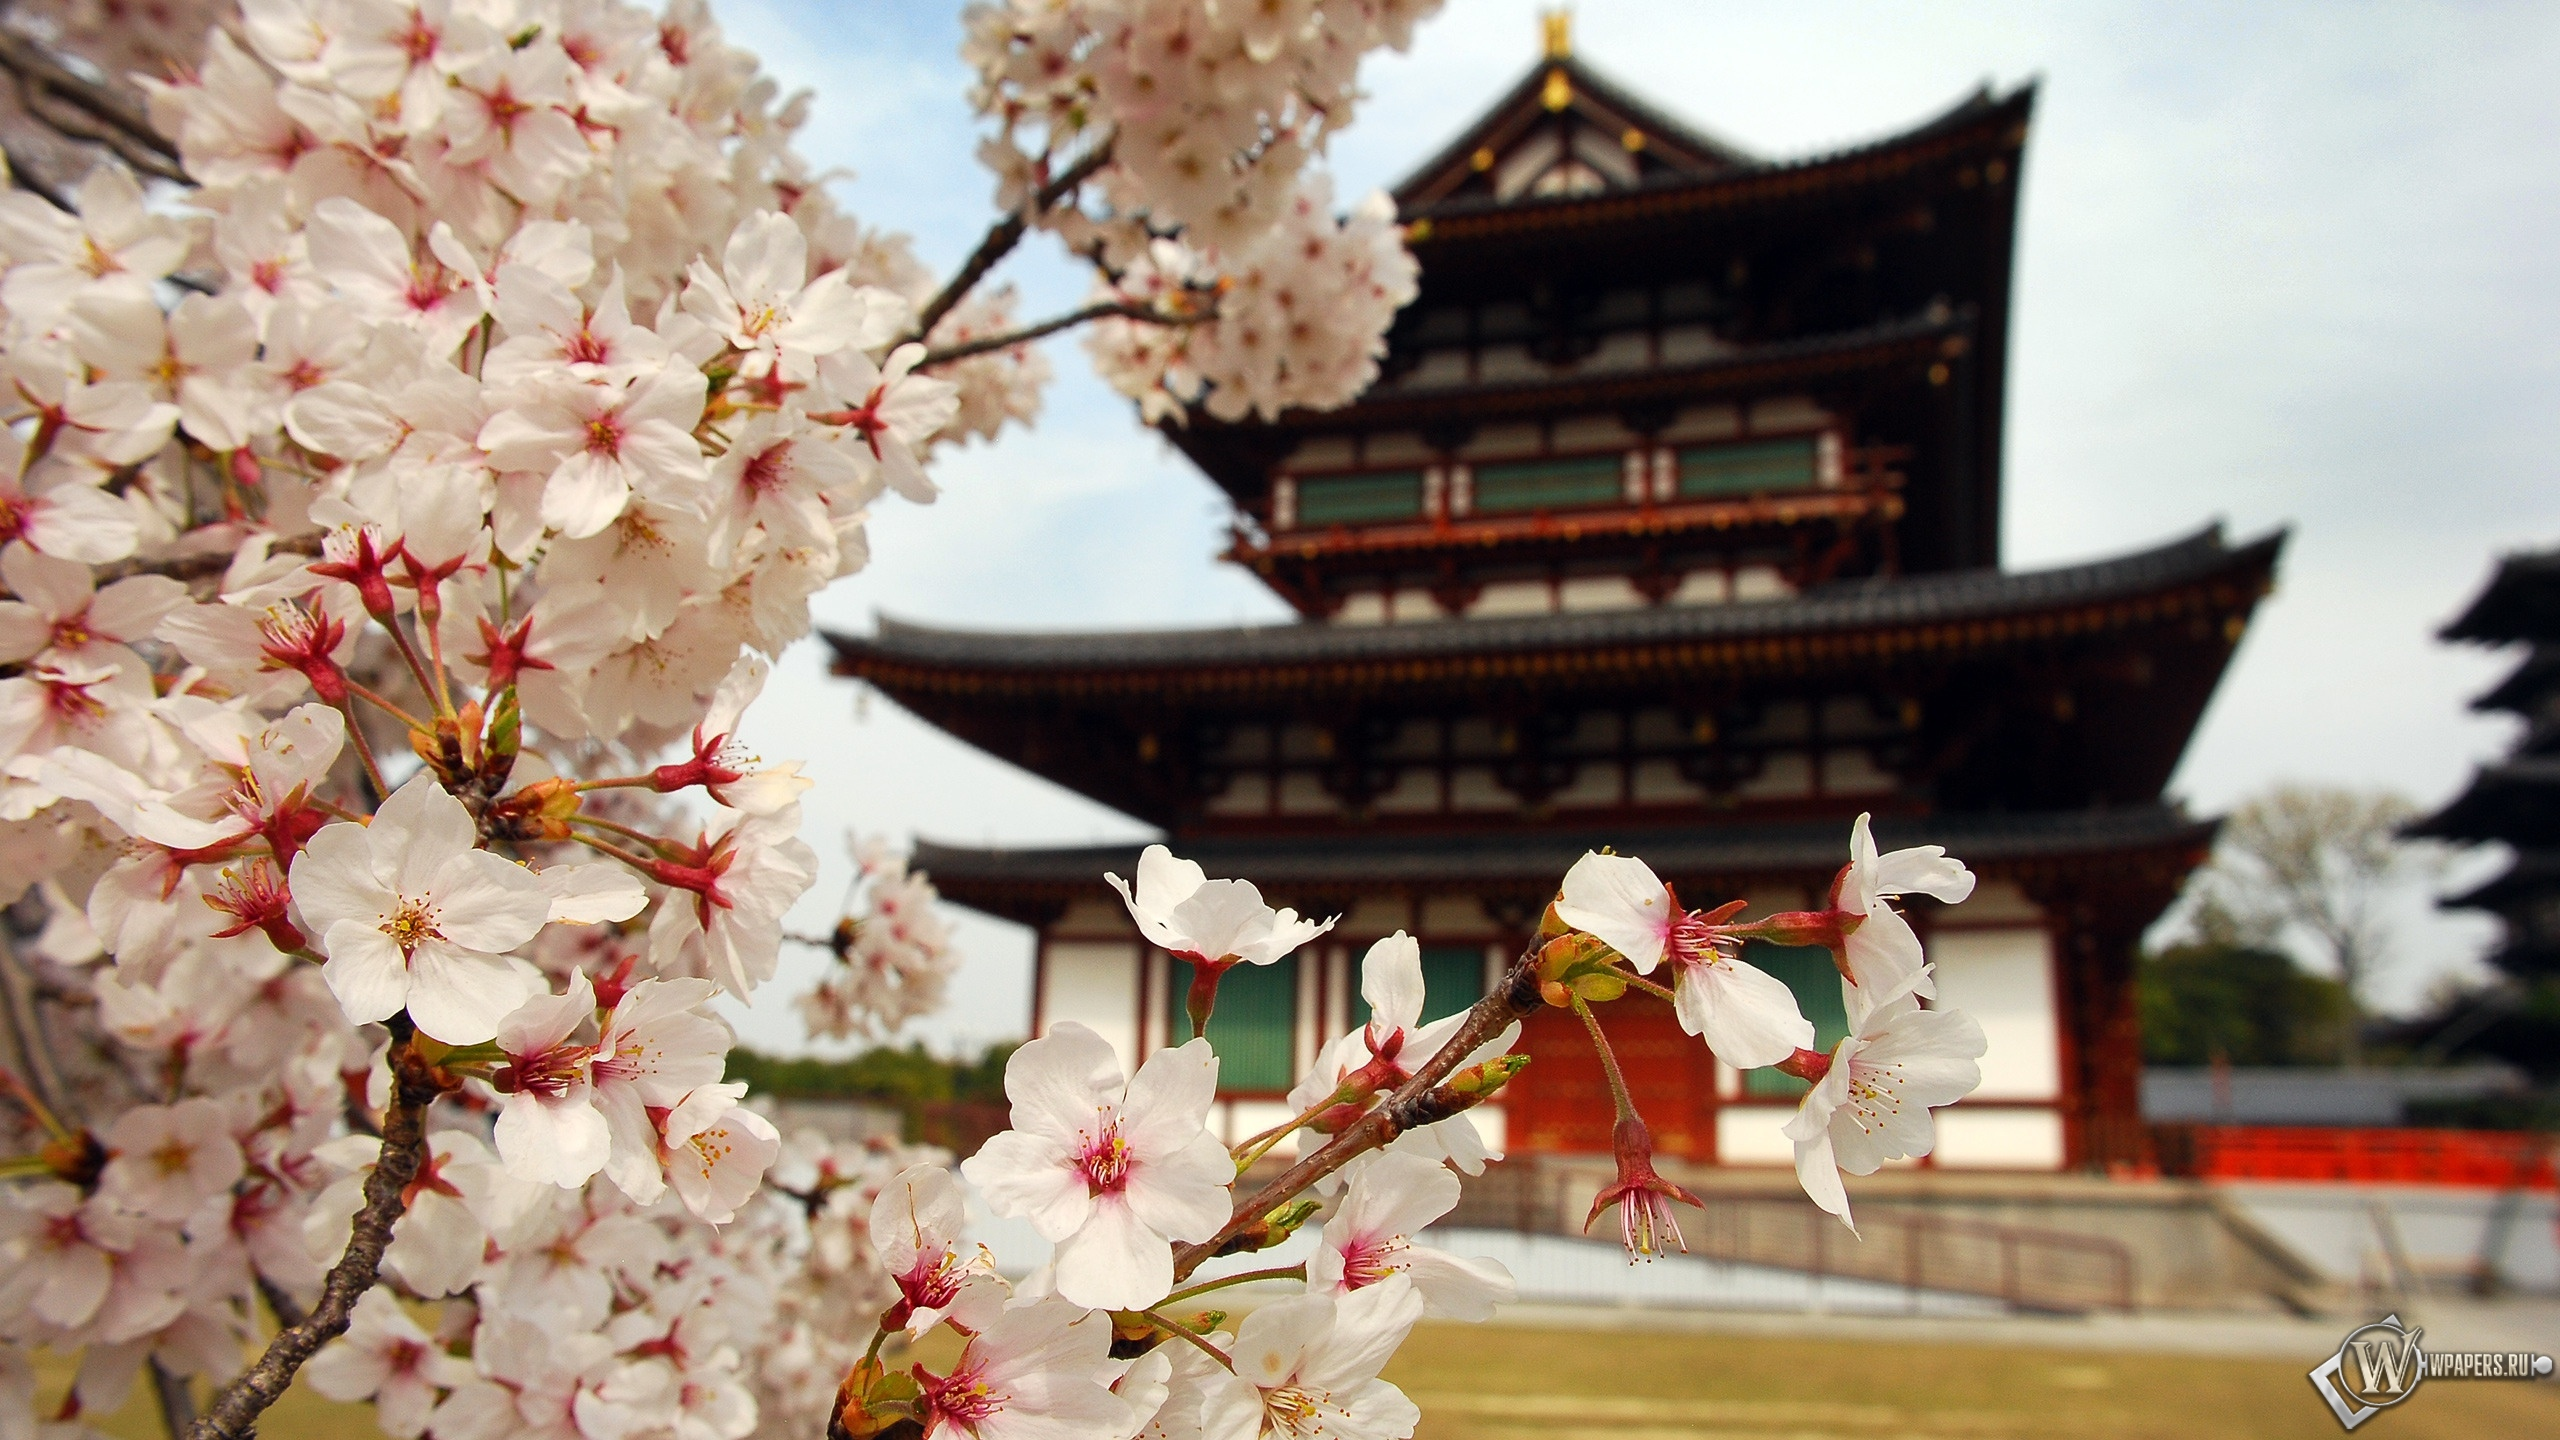 Пагода в Японии 2560x1440